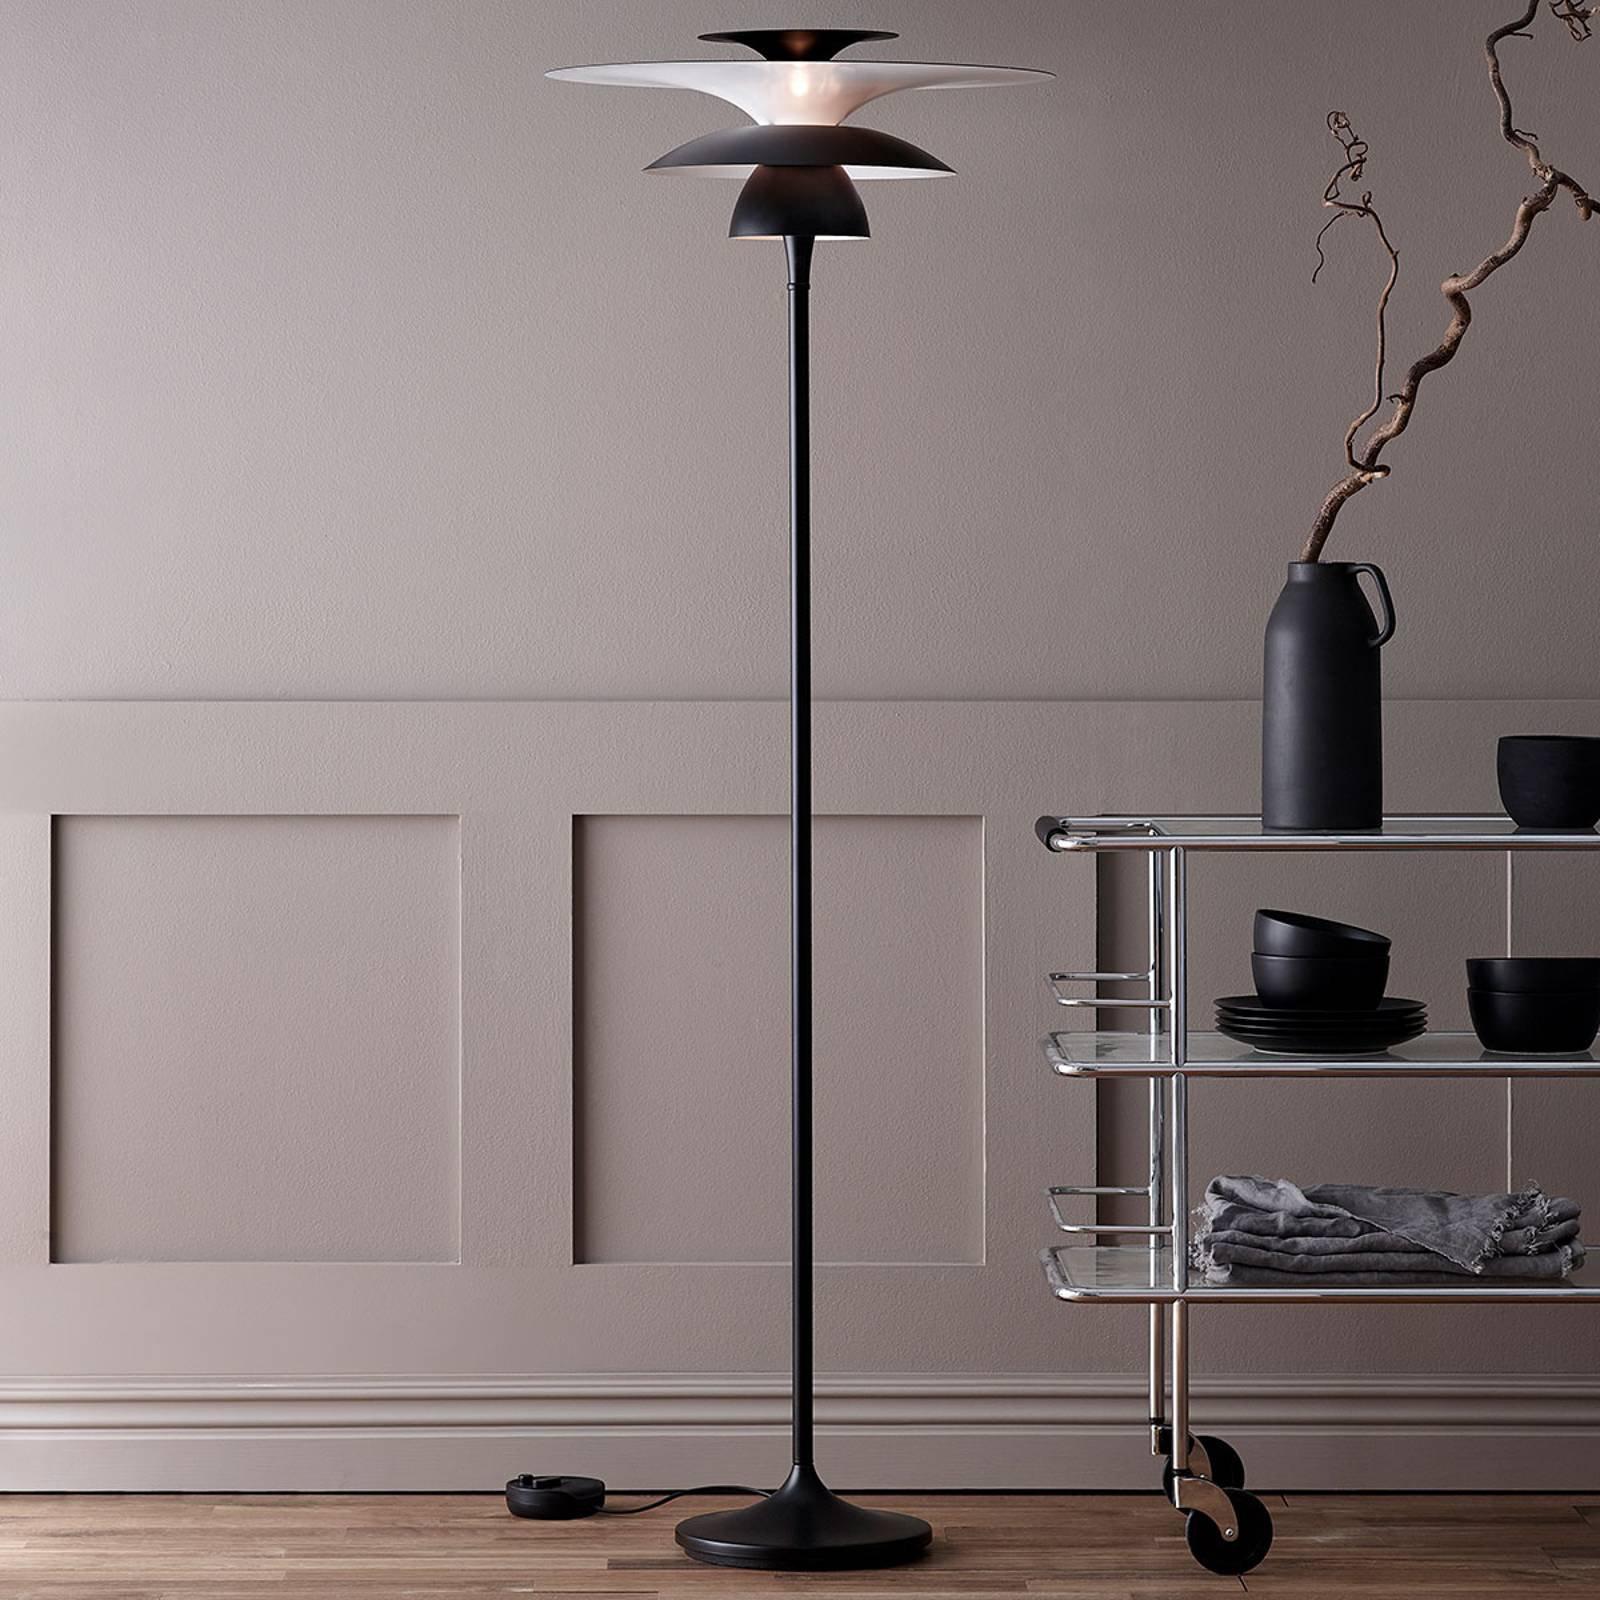 Picasso LED-gulvlampe, skjerm 38 cm, svart